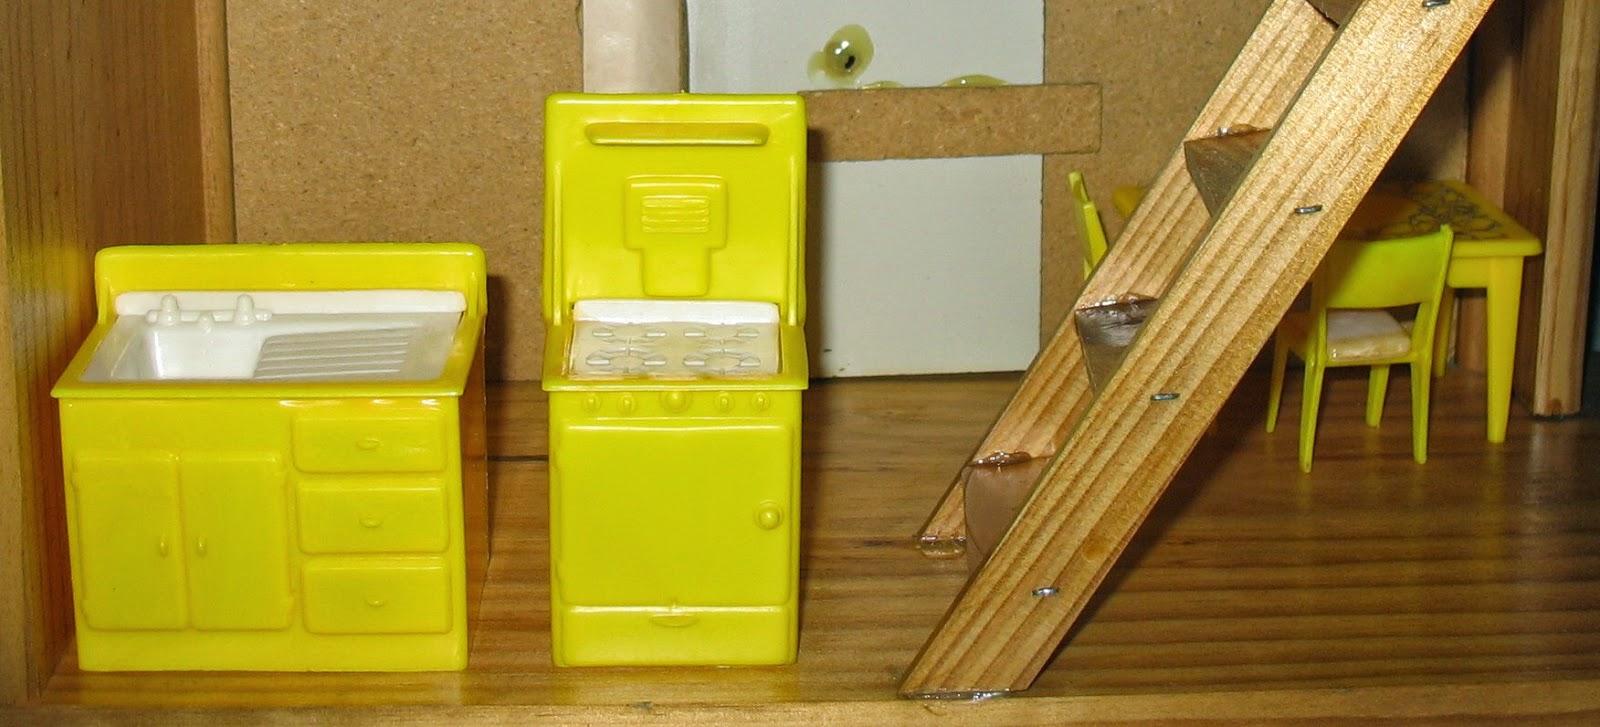 yellow door shutters house yellow plastic sink